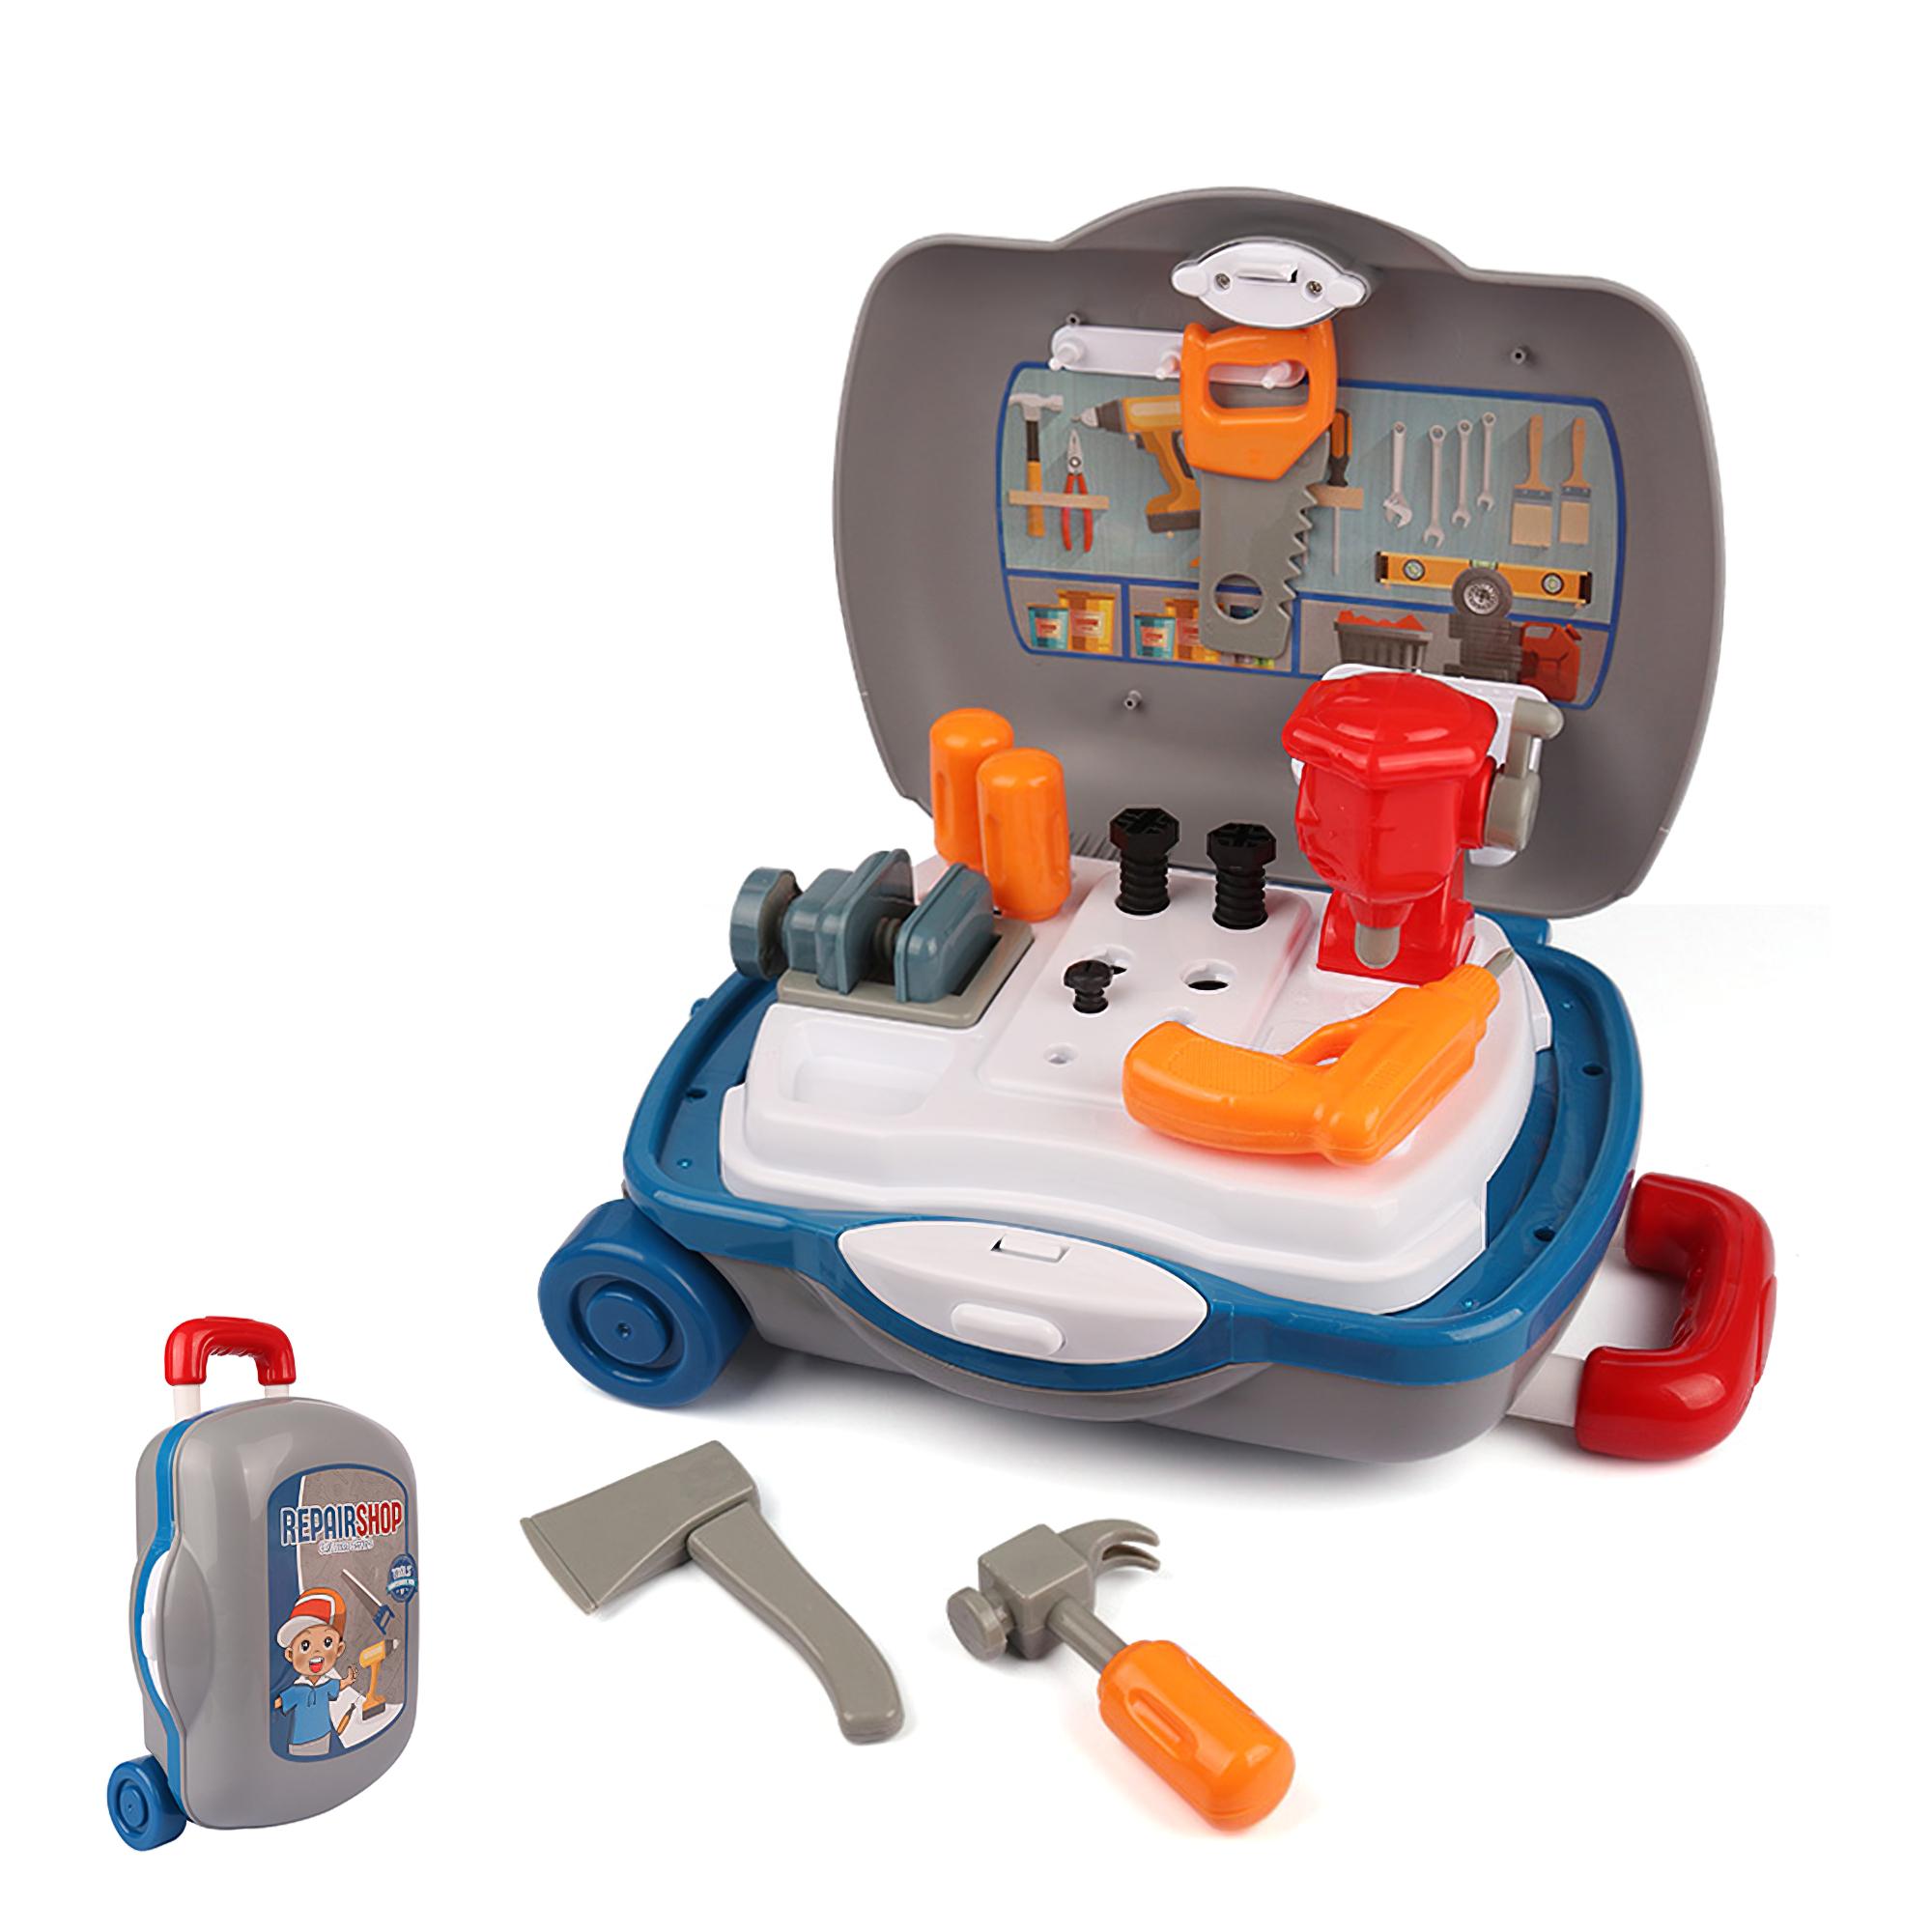 儿童玩具推车工具箱